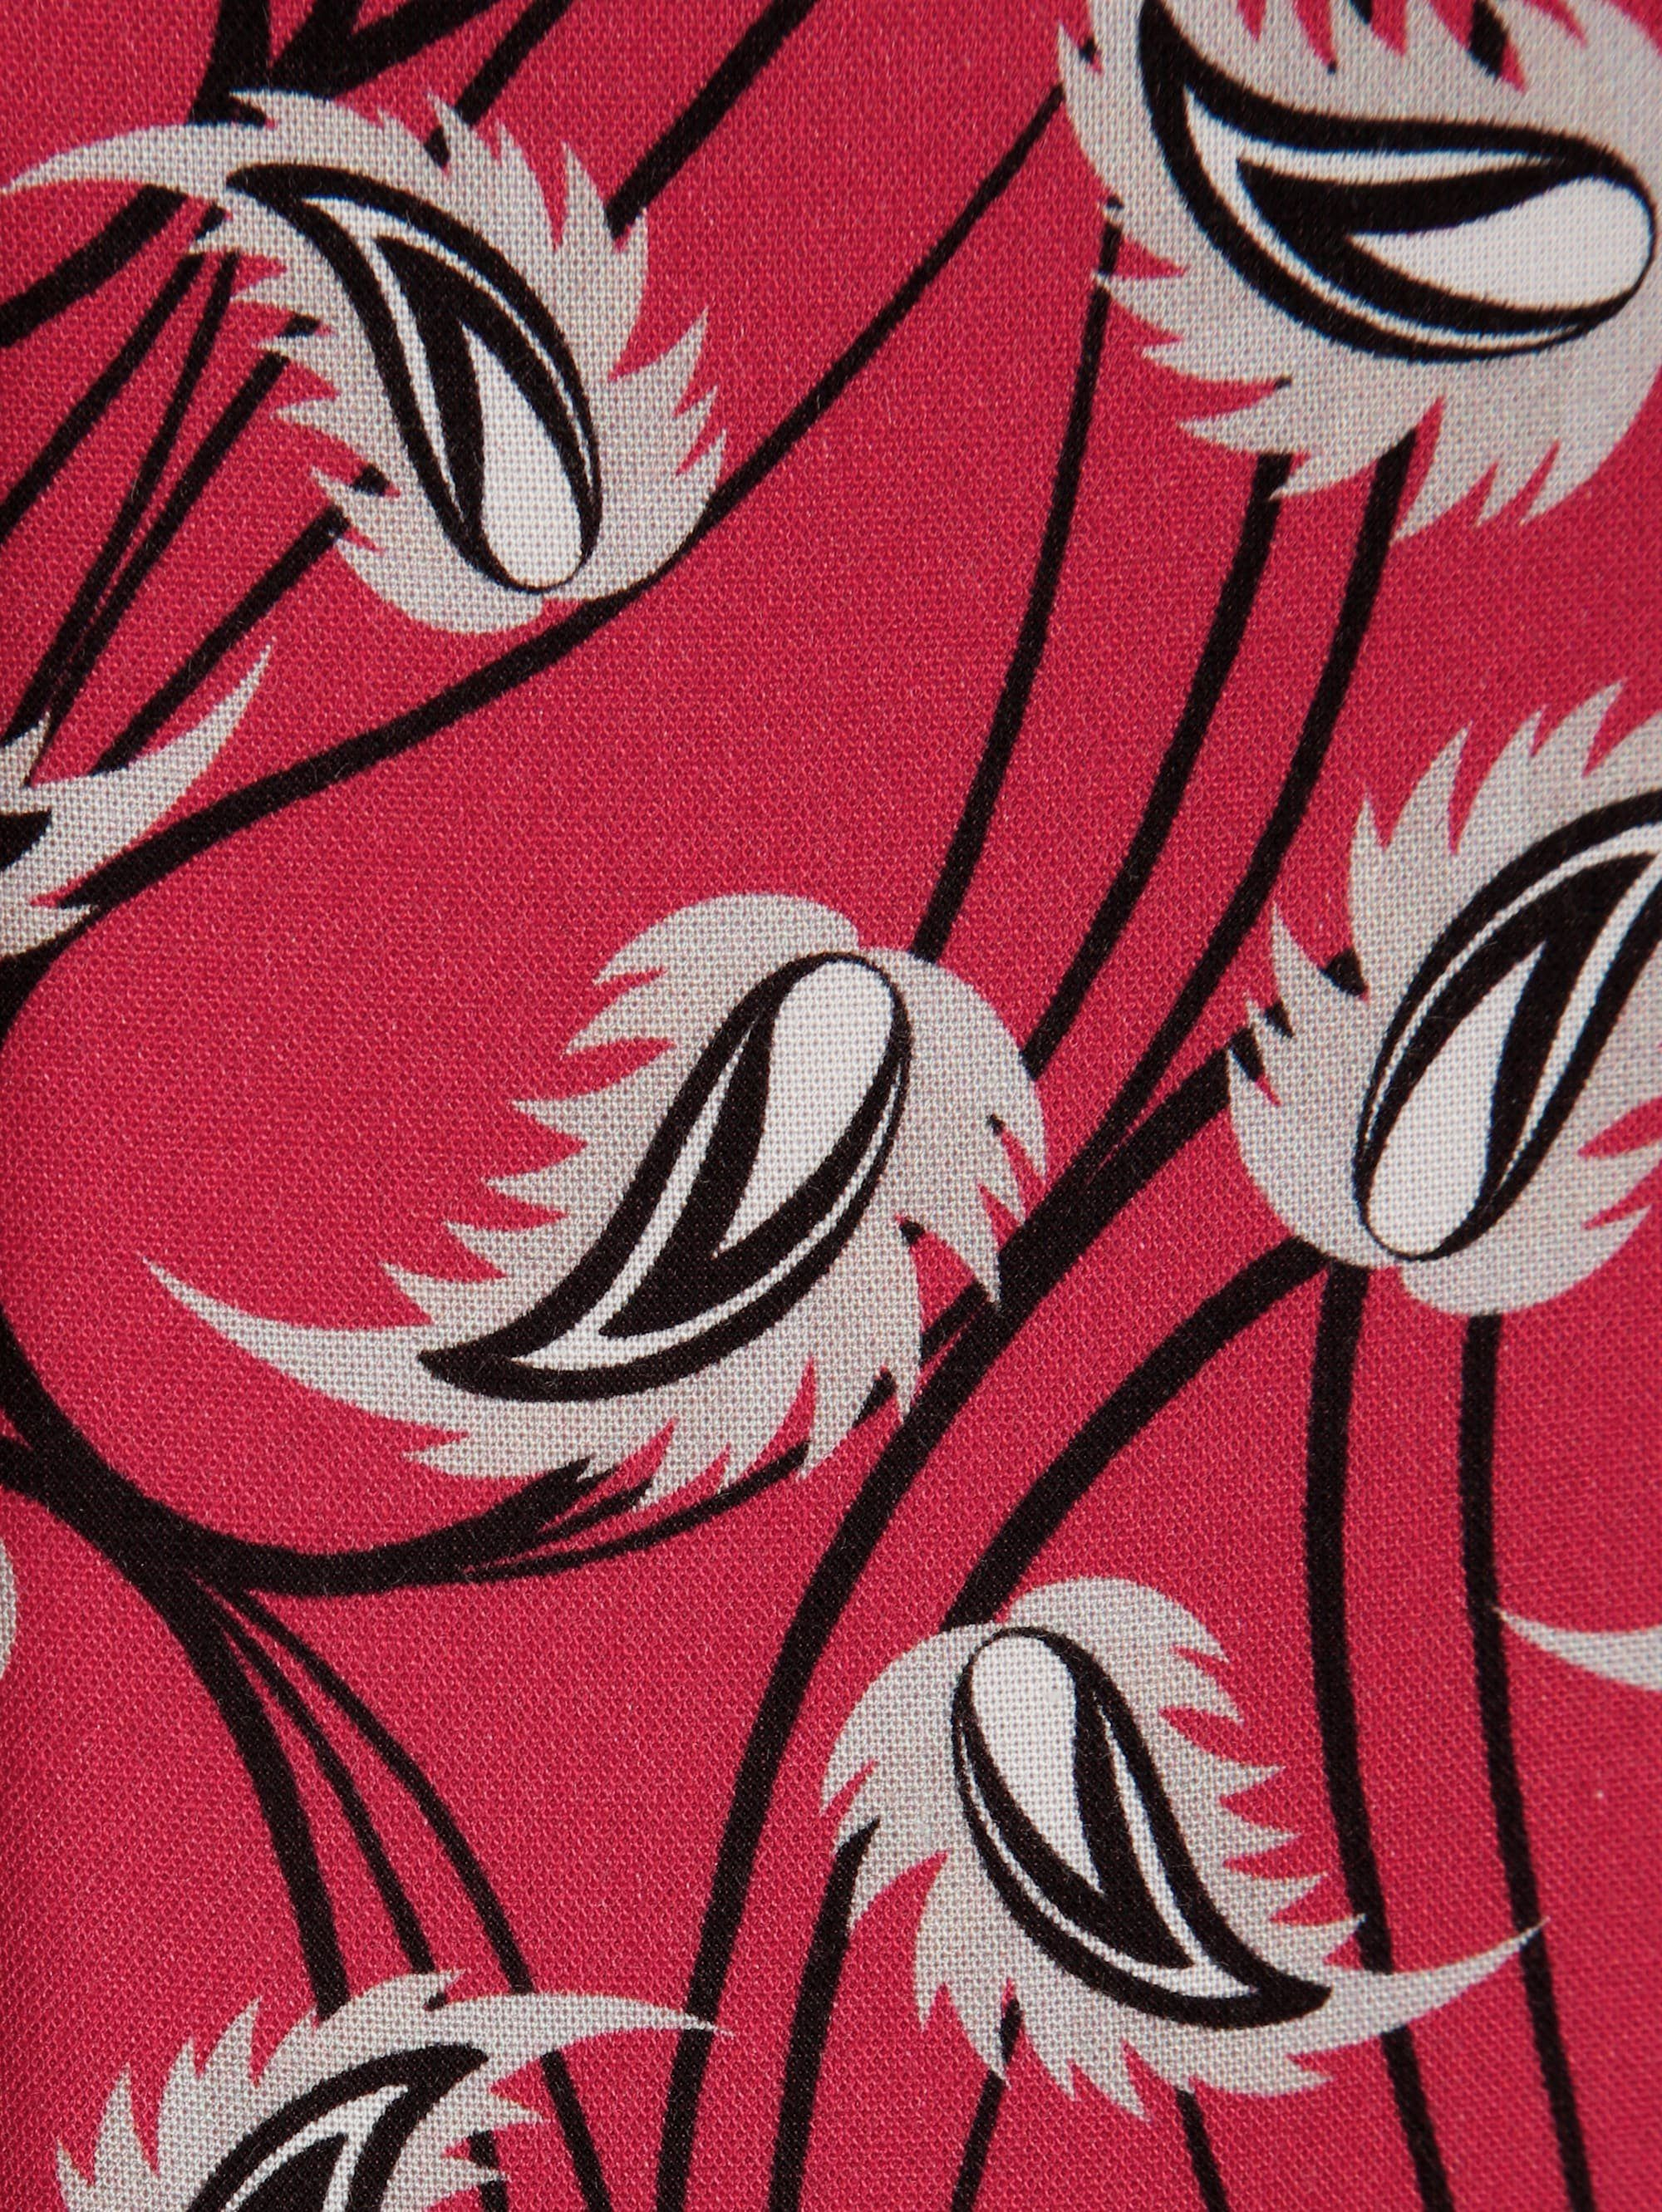 Mona Bluse in floralem Druckdessin, Hautfreundliche Naturfaser